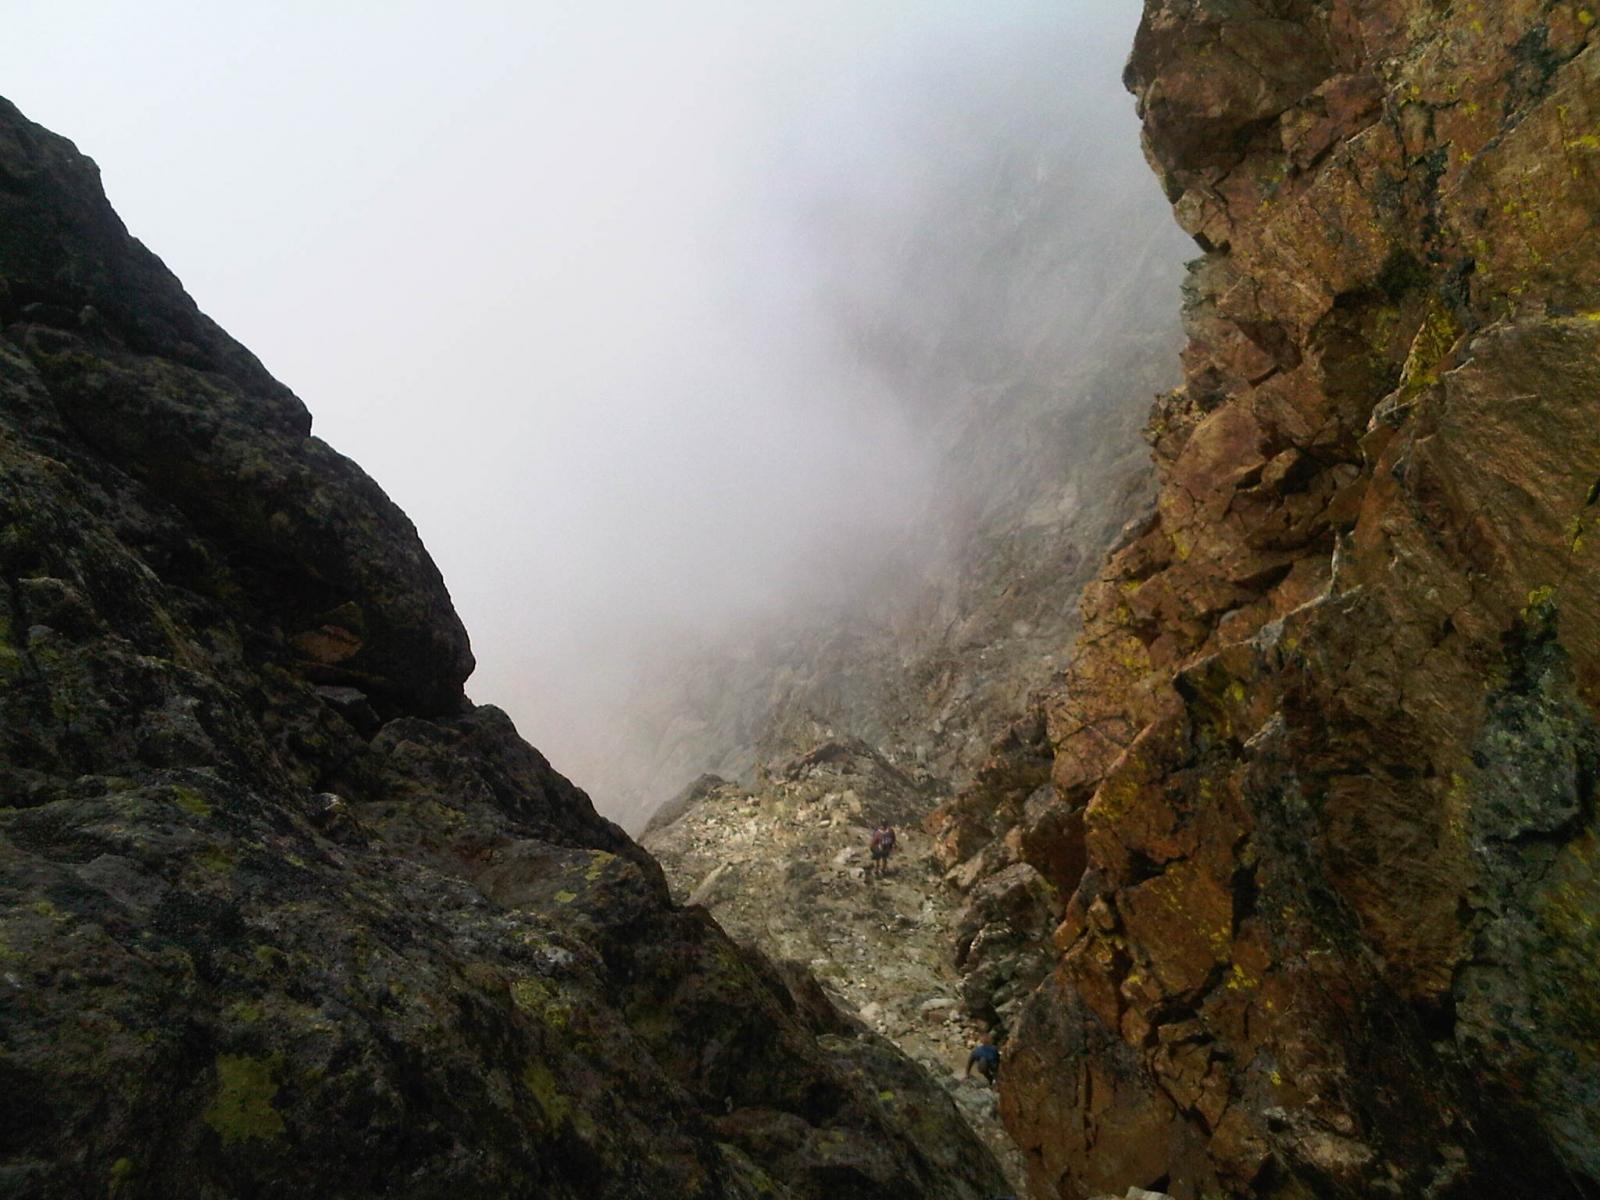 Mte. Argentera 08-11 August 2012 (Photo 33)